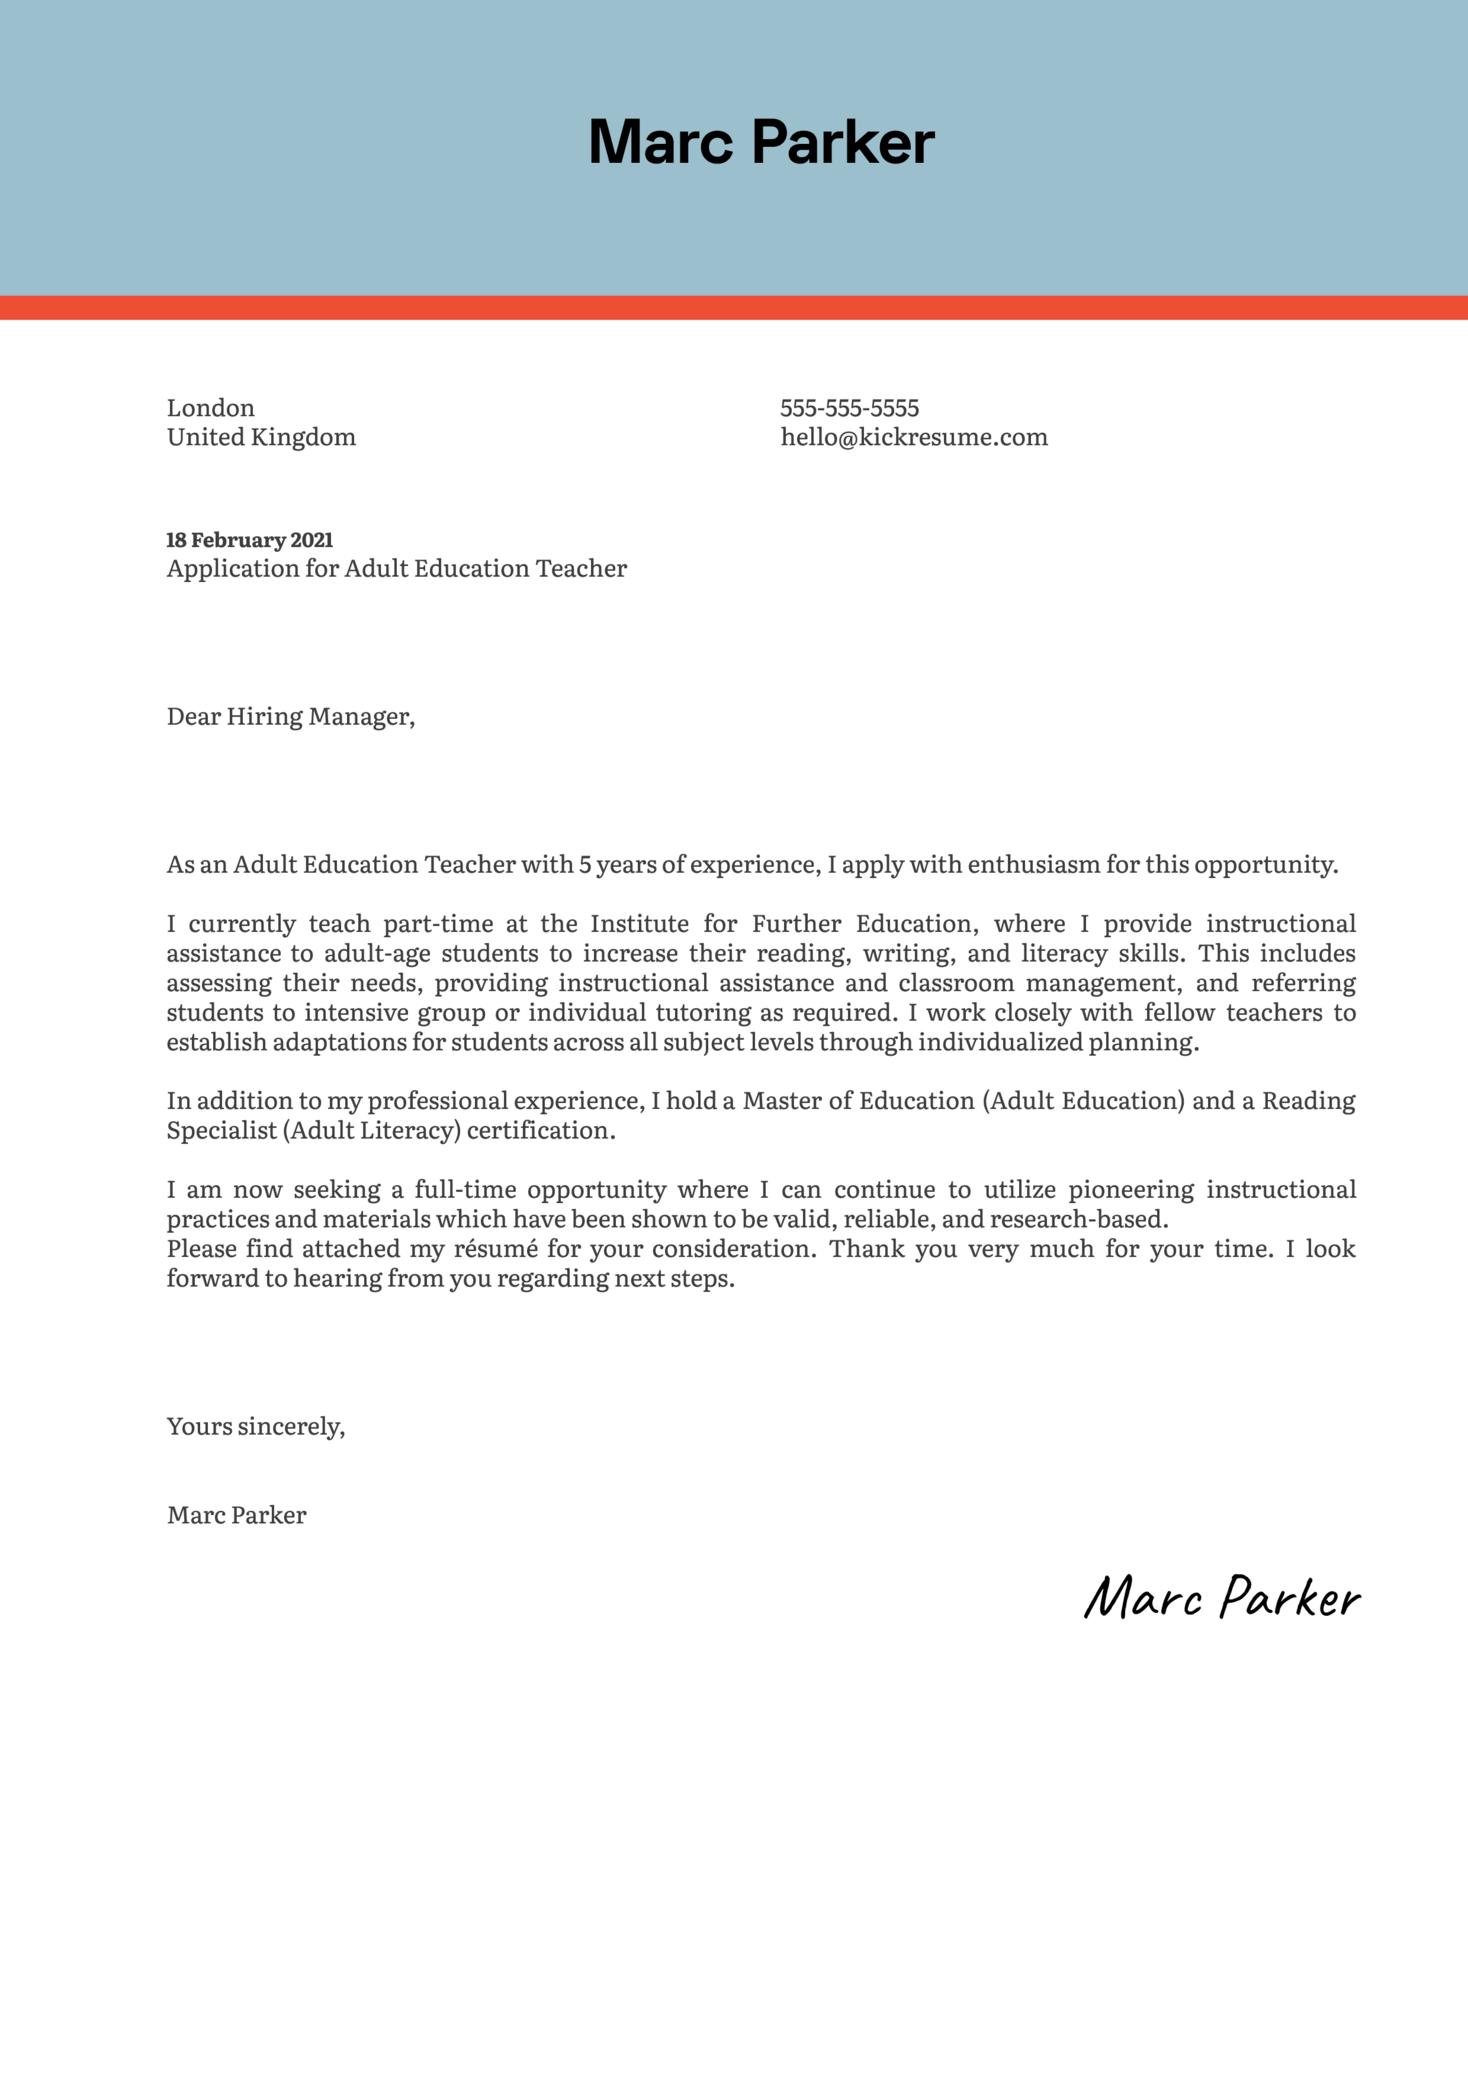 Adult Education Teacher Cover Letter Sample